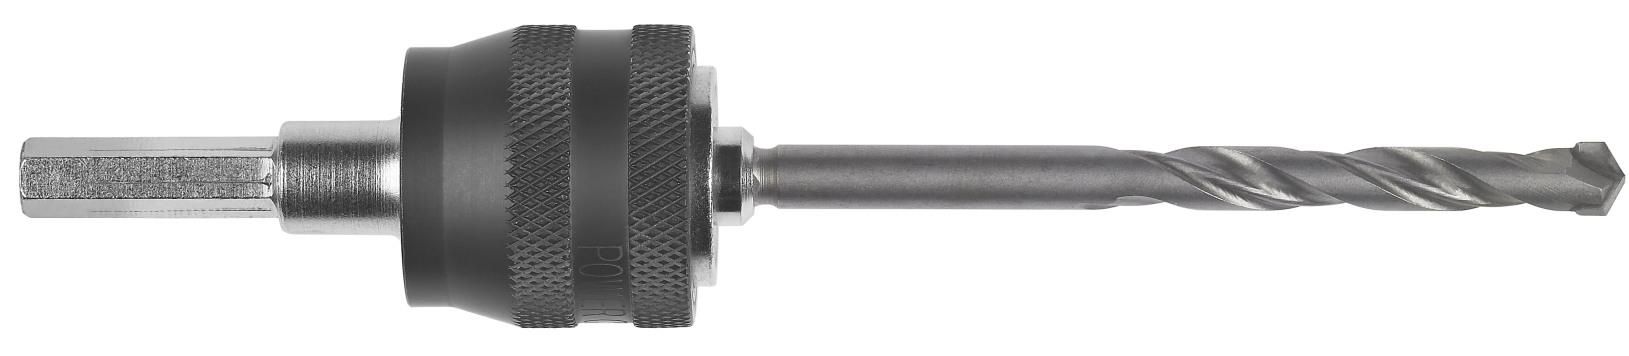 Bosch 2608584843 hss-co pilot drill bit